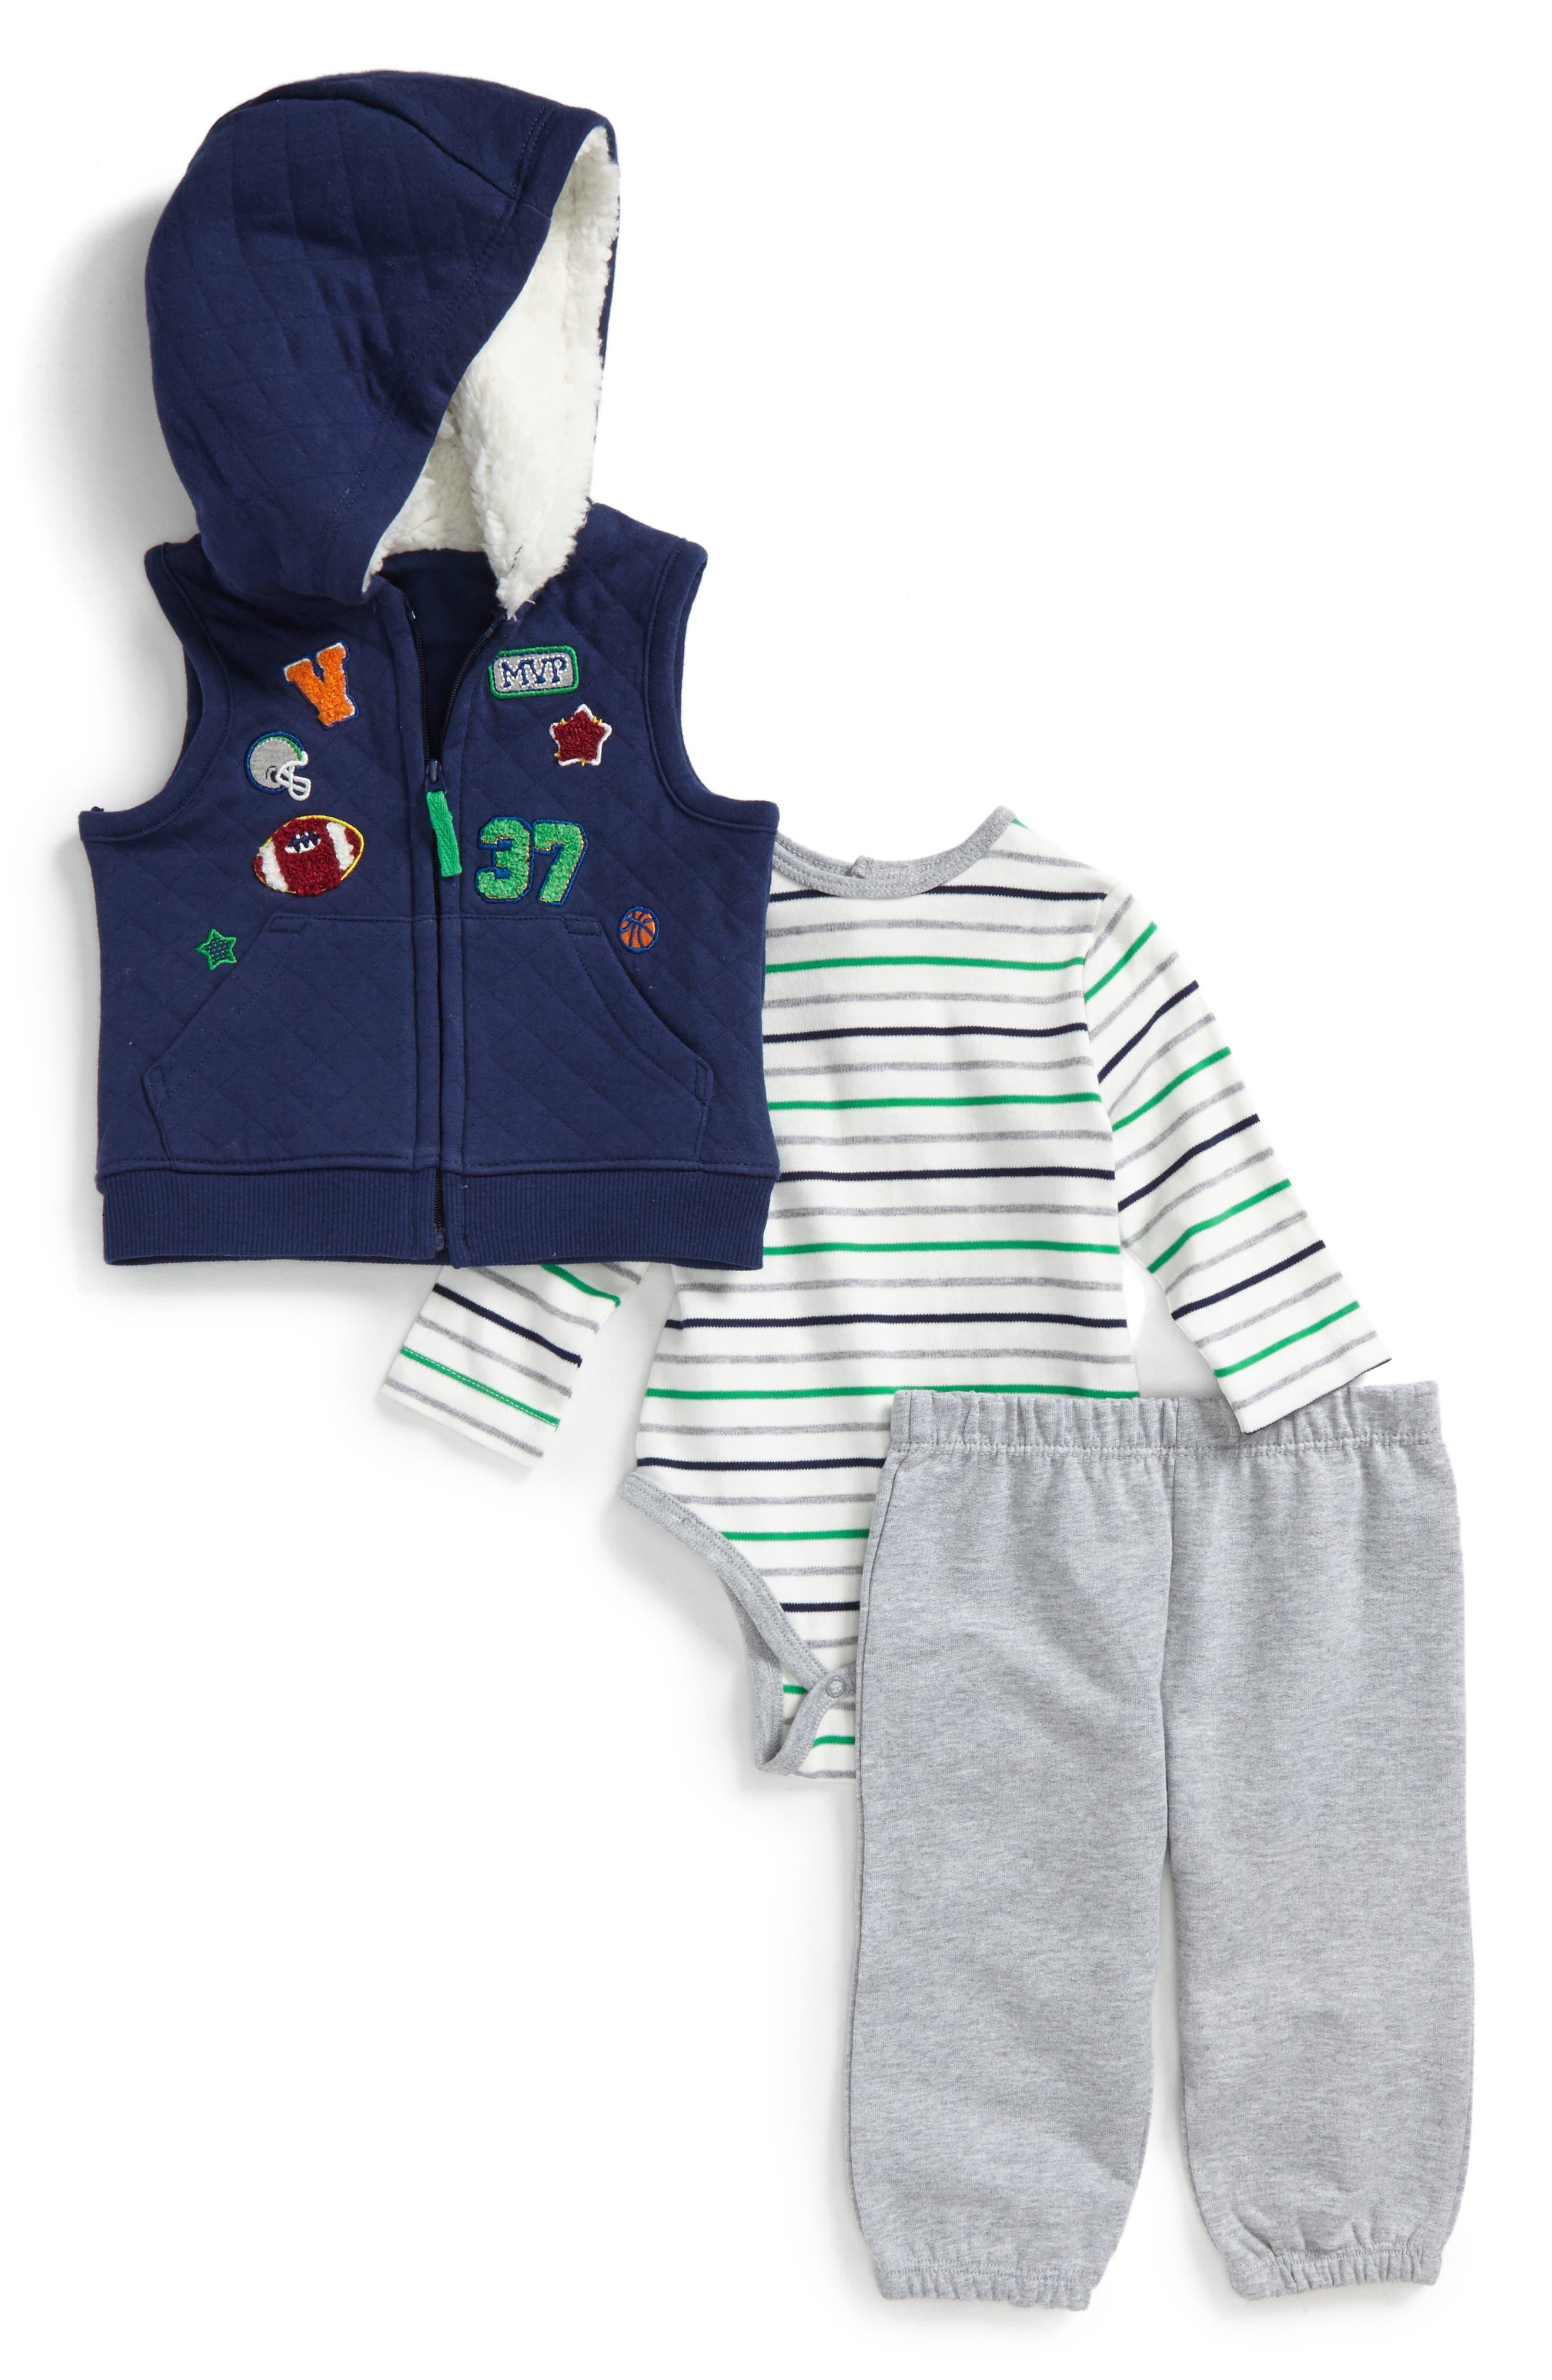 Main Image - Little Me Sports Vest, Bodysuit & Pants Set (Baby Boys)